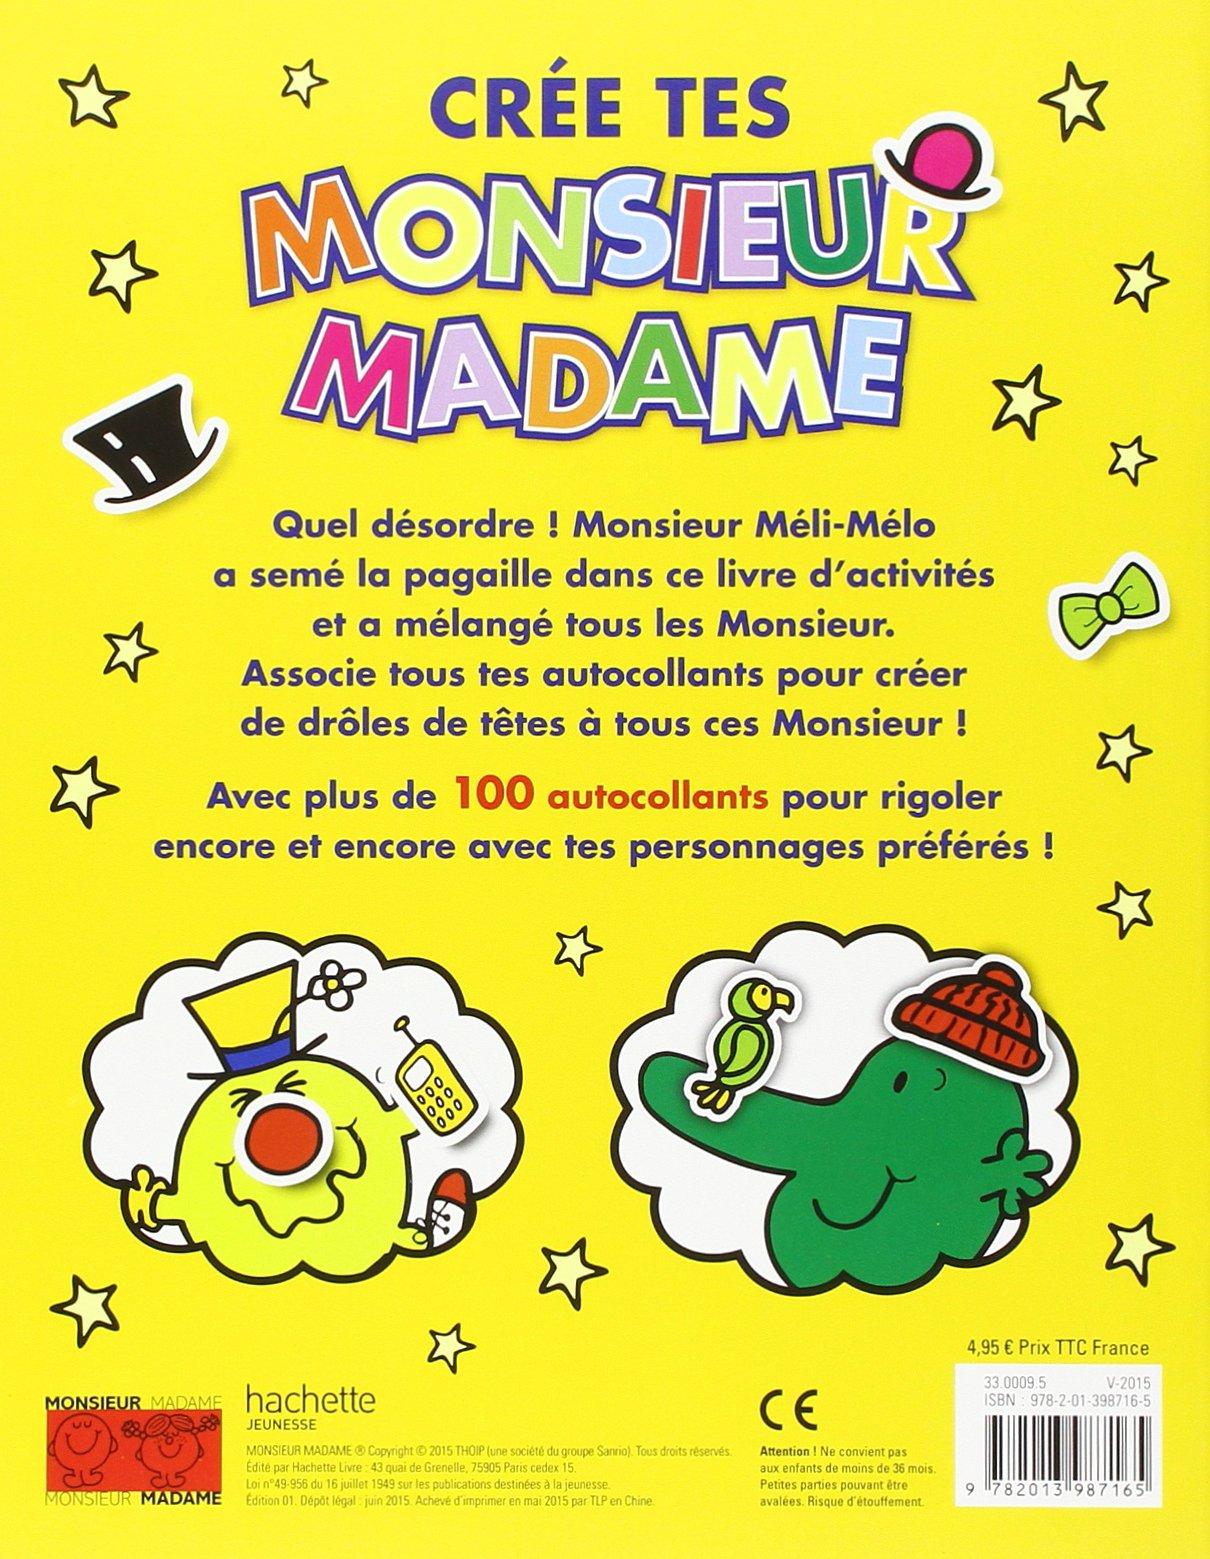 Livre D Activites Cree Tes Monsieur Madame 9782013987165